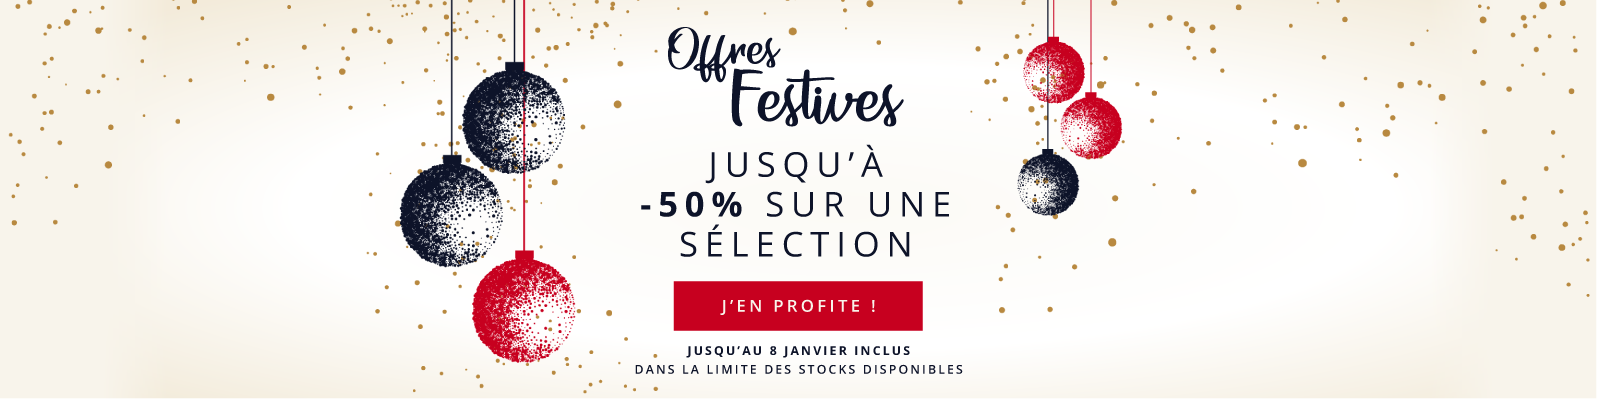 Offres Festives Jusqu'à -50% sur une Sélection Jusqu'au 8 janvier inclus Dans la limite des stocks disponibles